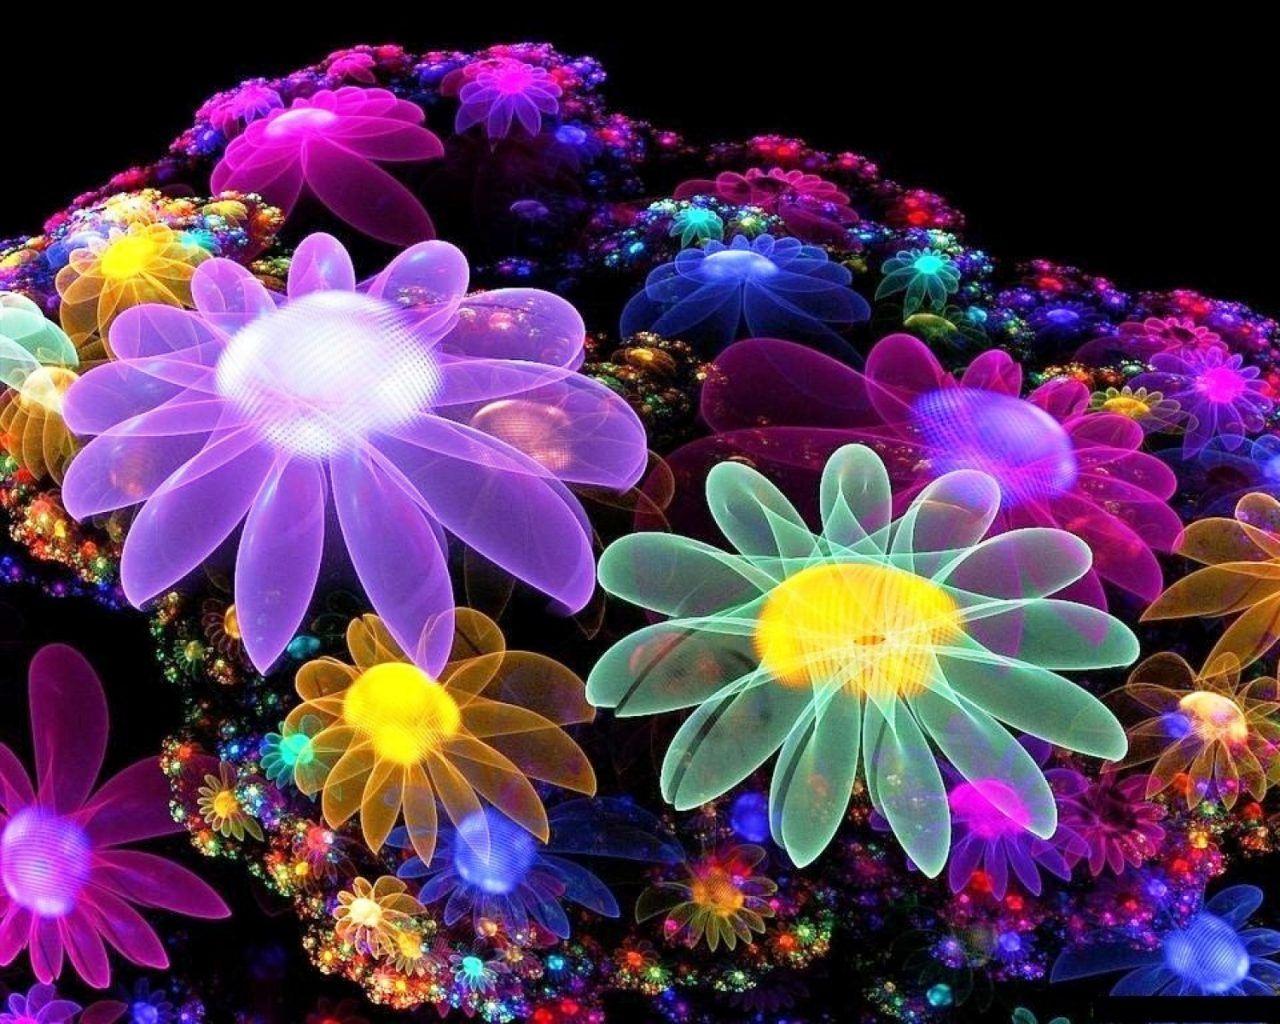 Fondos De Pantalla De Flores Hermosas Para Fondo Celular: Fondos De Flores Para Fotos Para Fondo Celular En Hd 20 HD